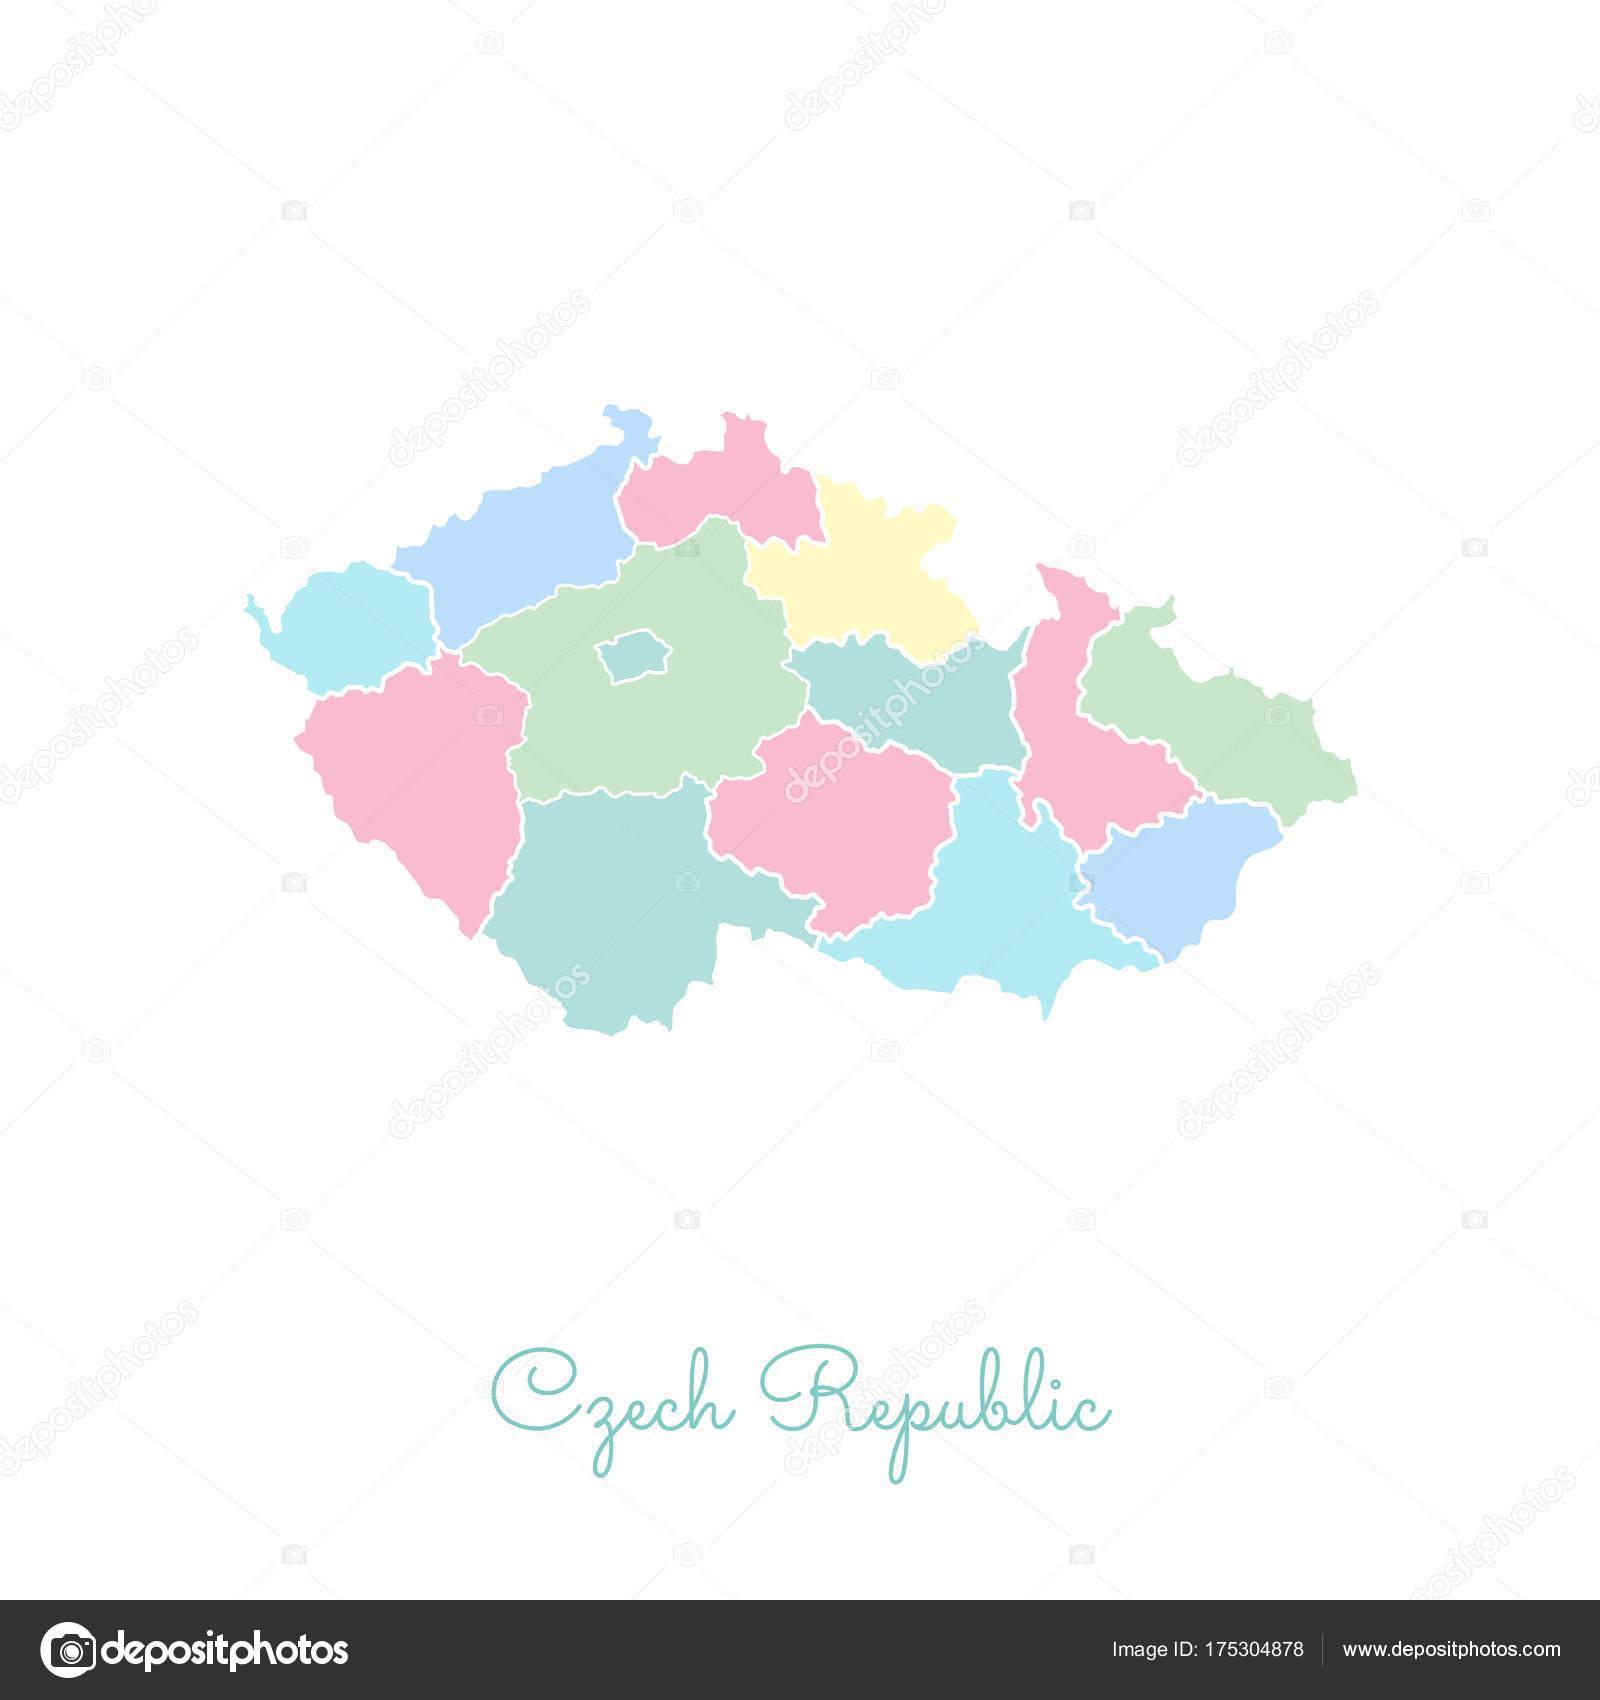 Karte Tschechien.Tschechien Region Karte Bunt Mit Weißen Umriss Detaillierte Karte